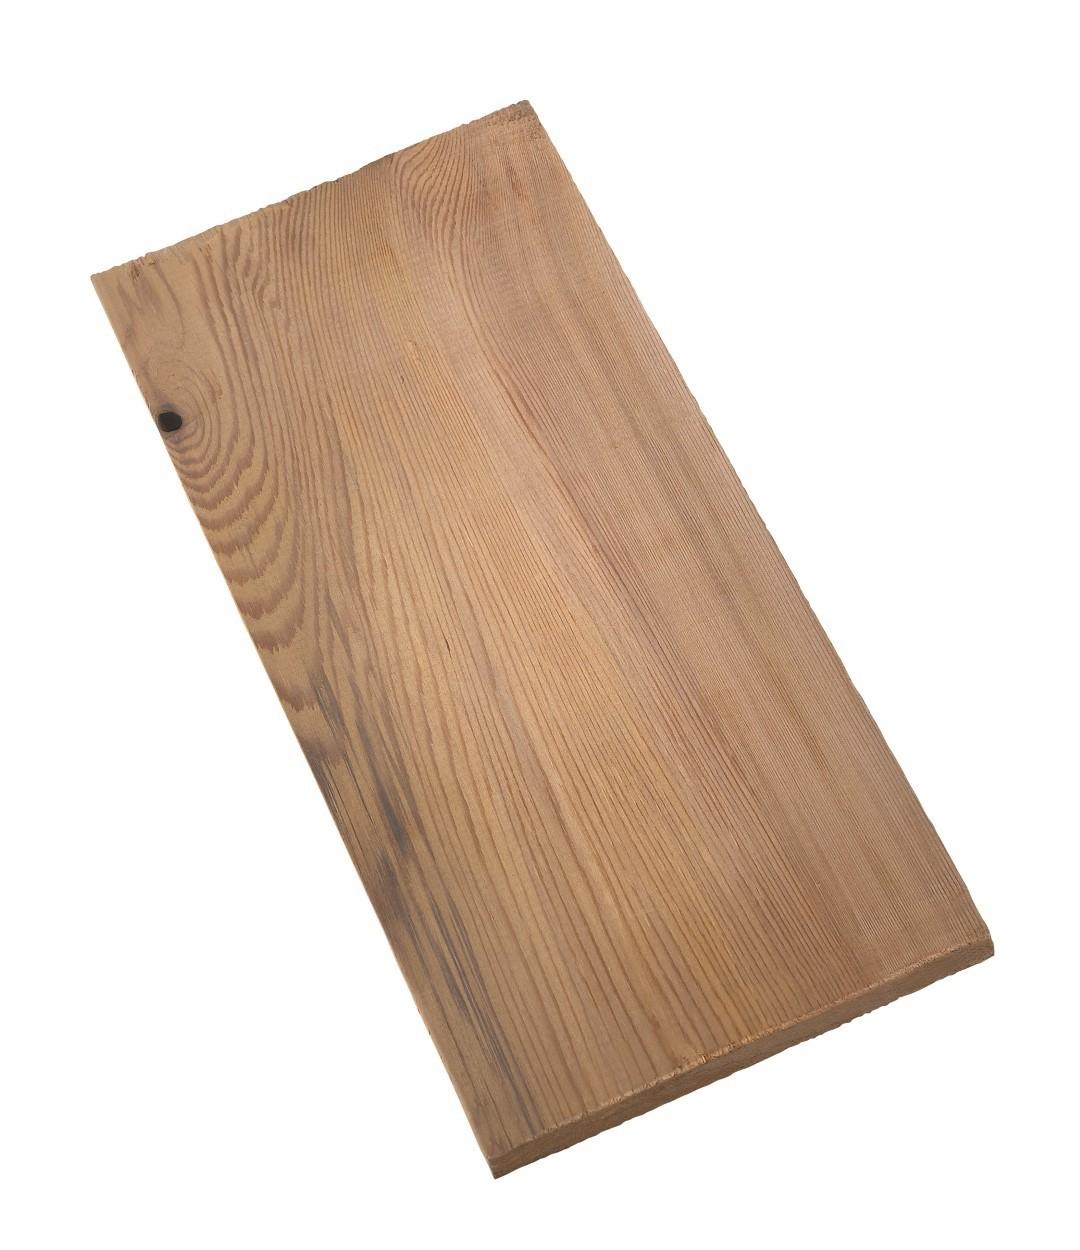 Cederhouten plank